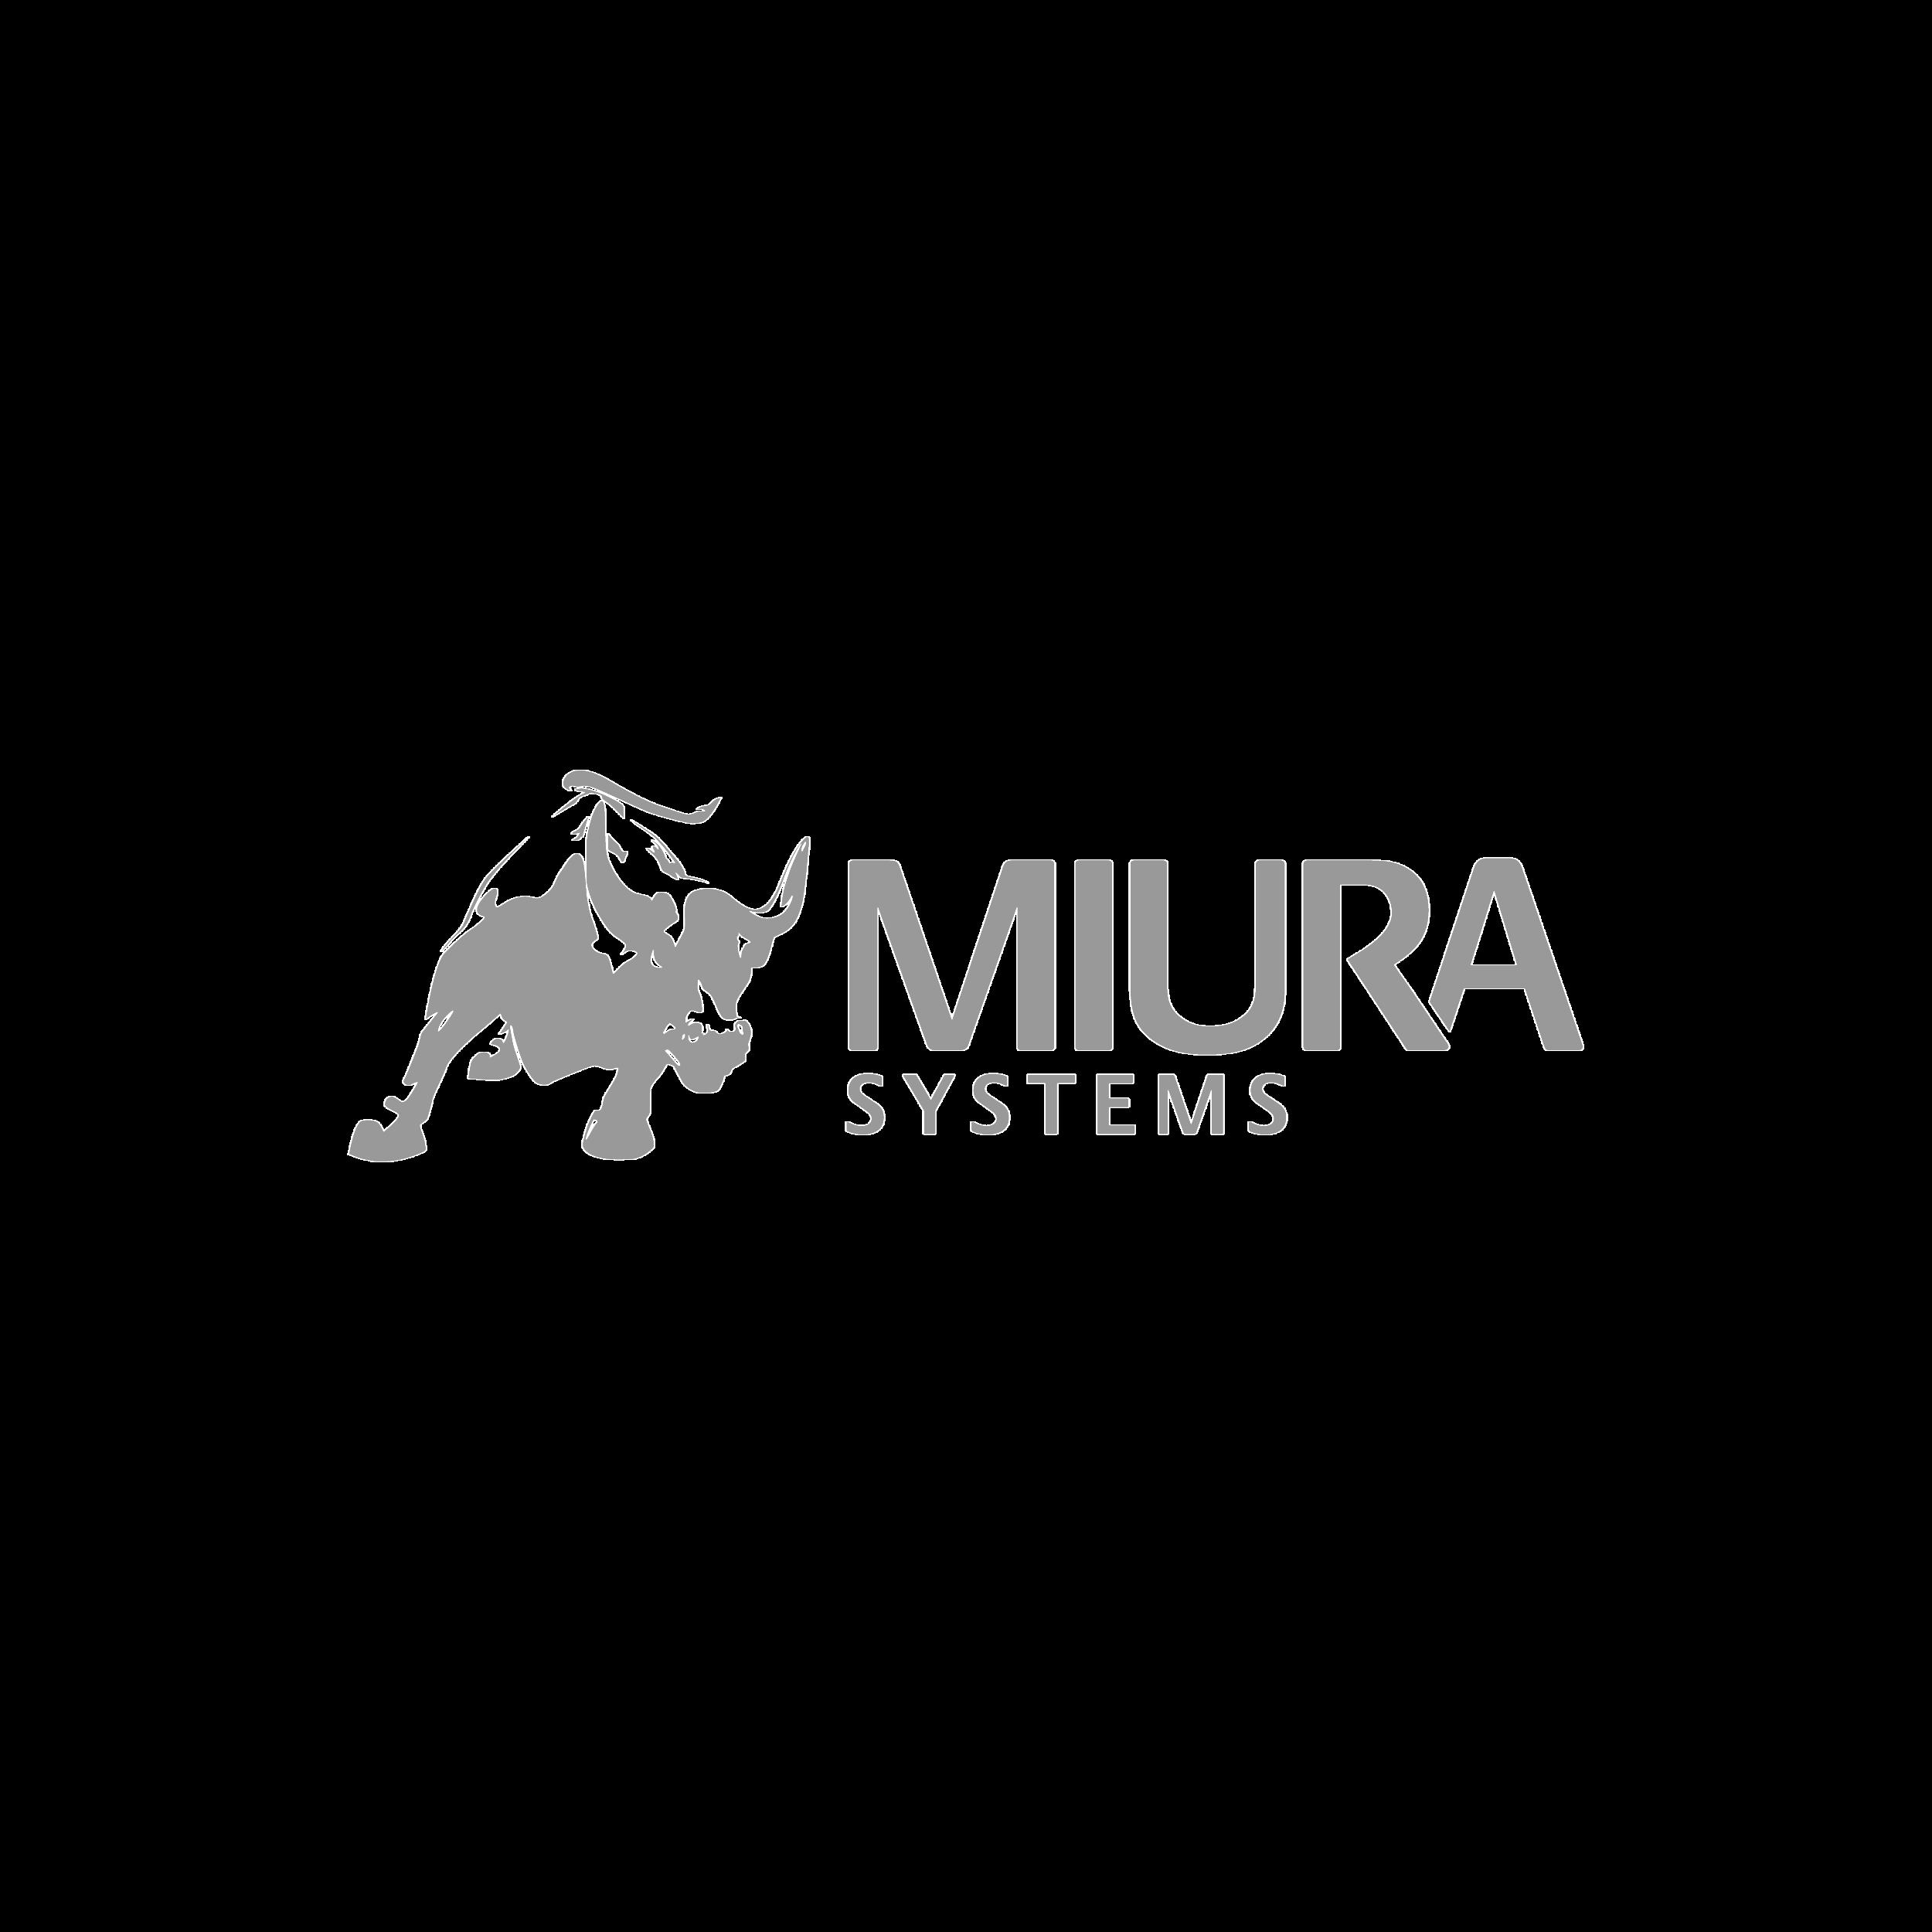 Miura Systems logo.png